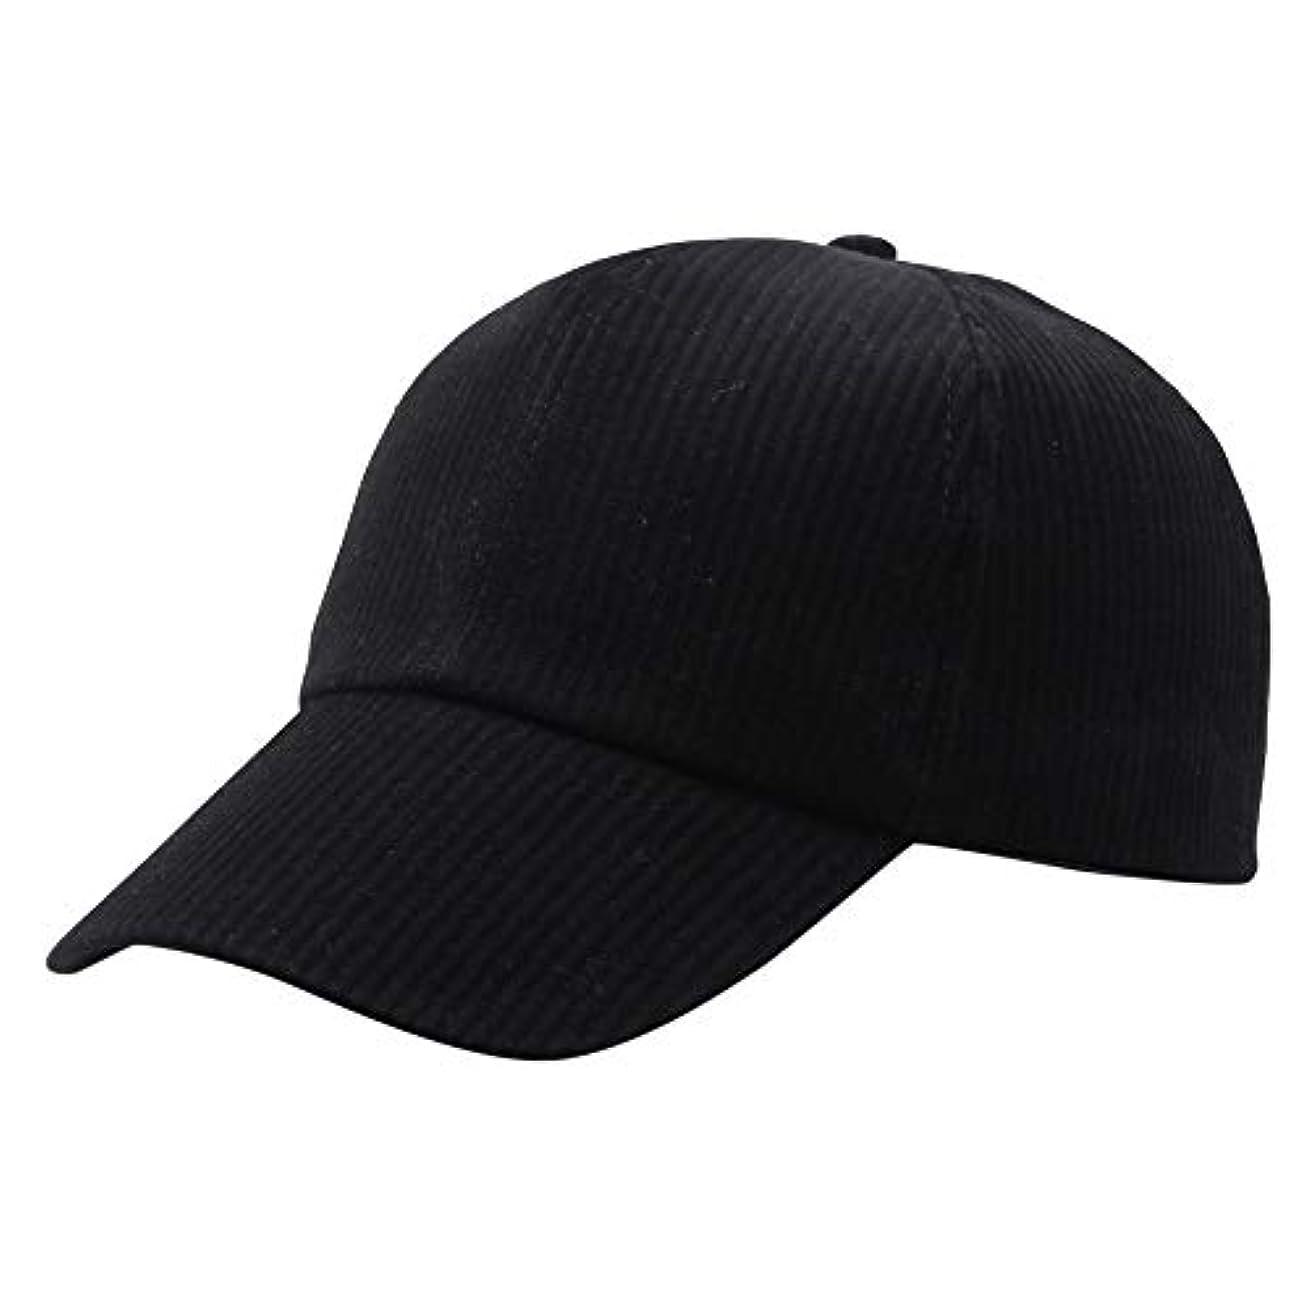 試してみるスポーツマンゾーンRacazing Cap コーデュロイ 野球帽 迷彩 夏 登山 通気性のある メッシュ 帽子 ベルクロ 可調整可能 ストライプ 刺繍 棒球帽 UV 帽子 軽量 屋外 Unisex Hat (B)